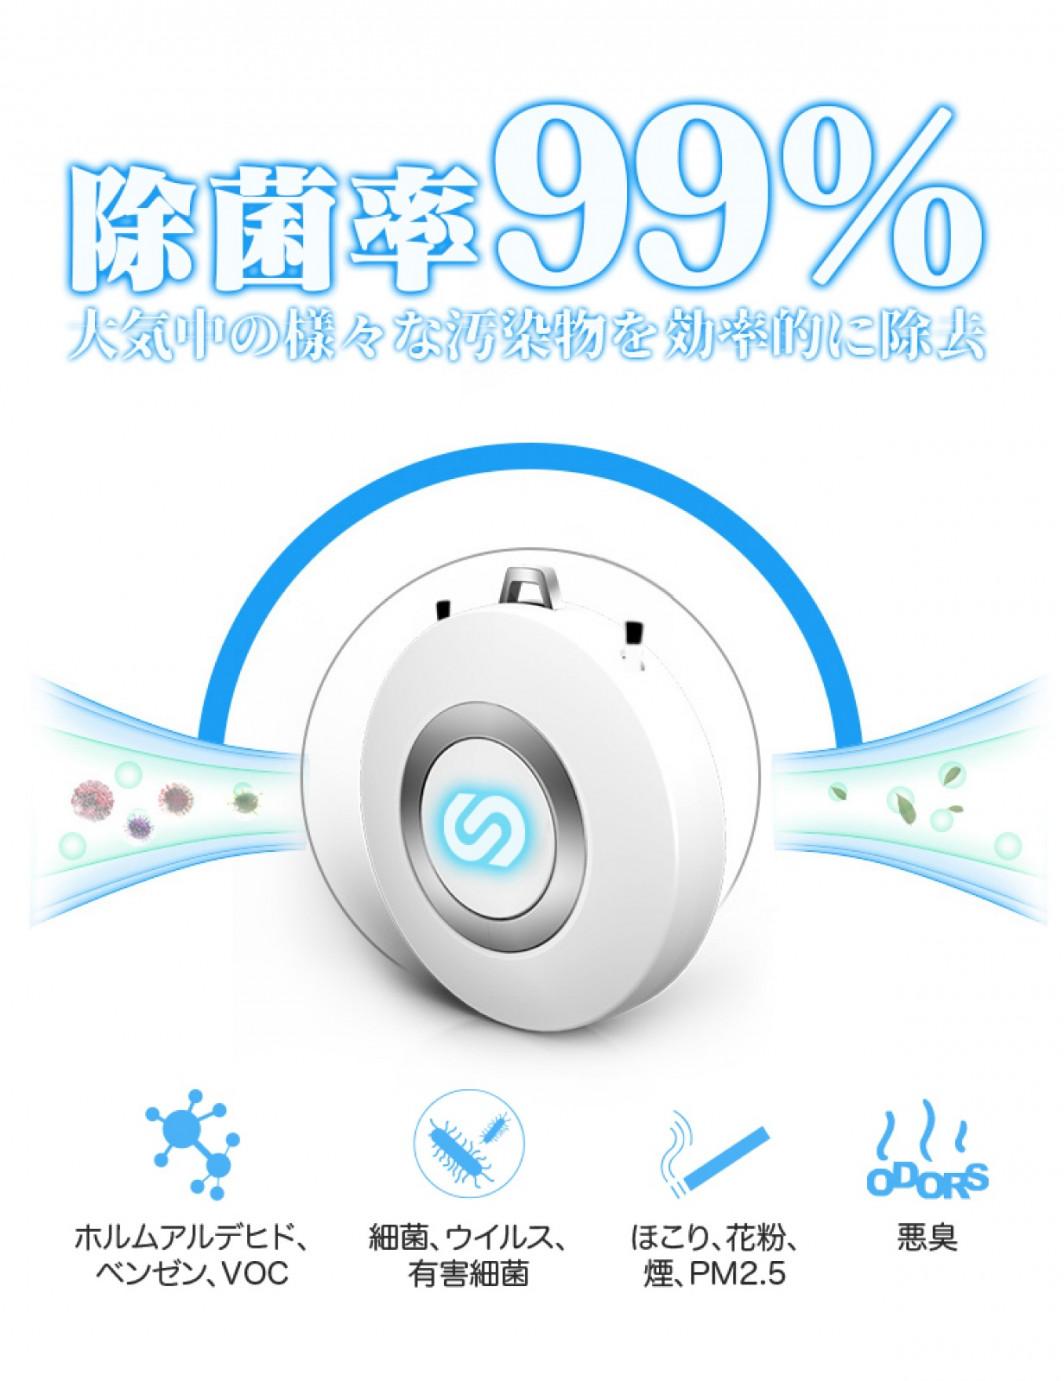 Infinity AC2 醫療級空氣淨化神器 隨身空氣清淨機 珍珠白 香港行貨 - 空氣清新機 - 生活電器 - 家庭電器 - 友和 ...